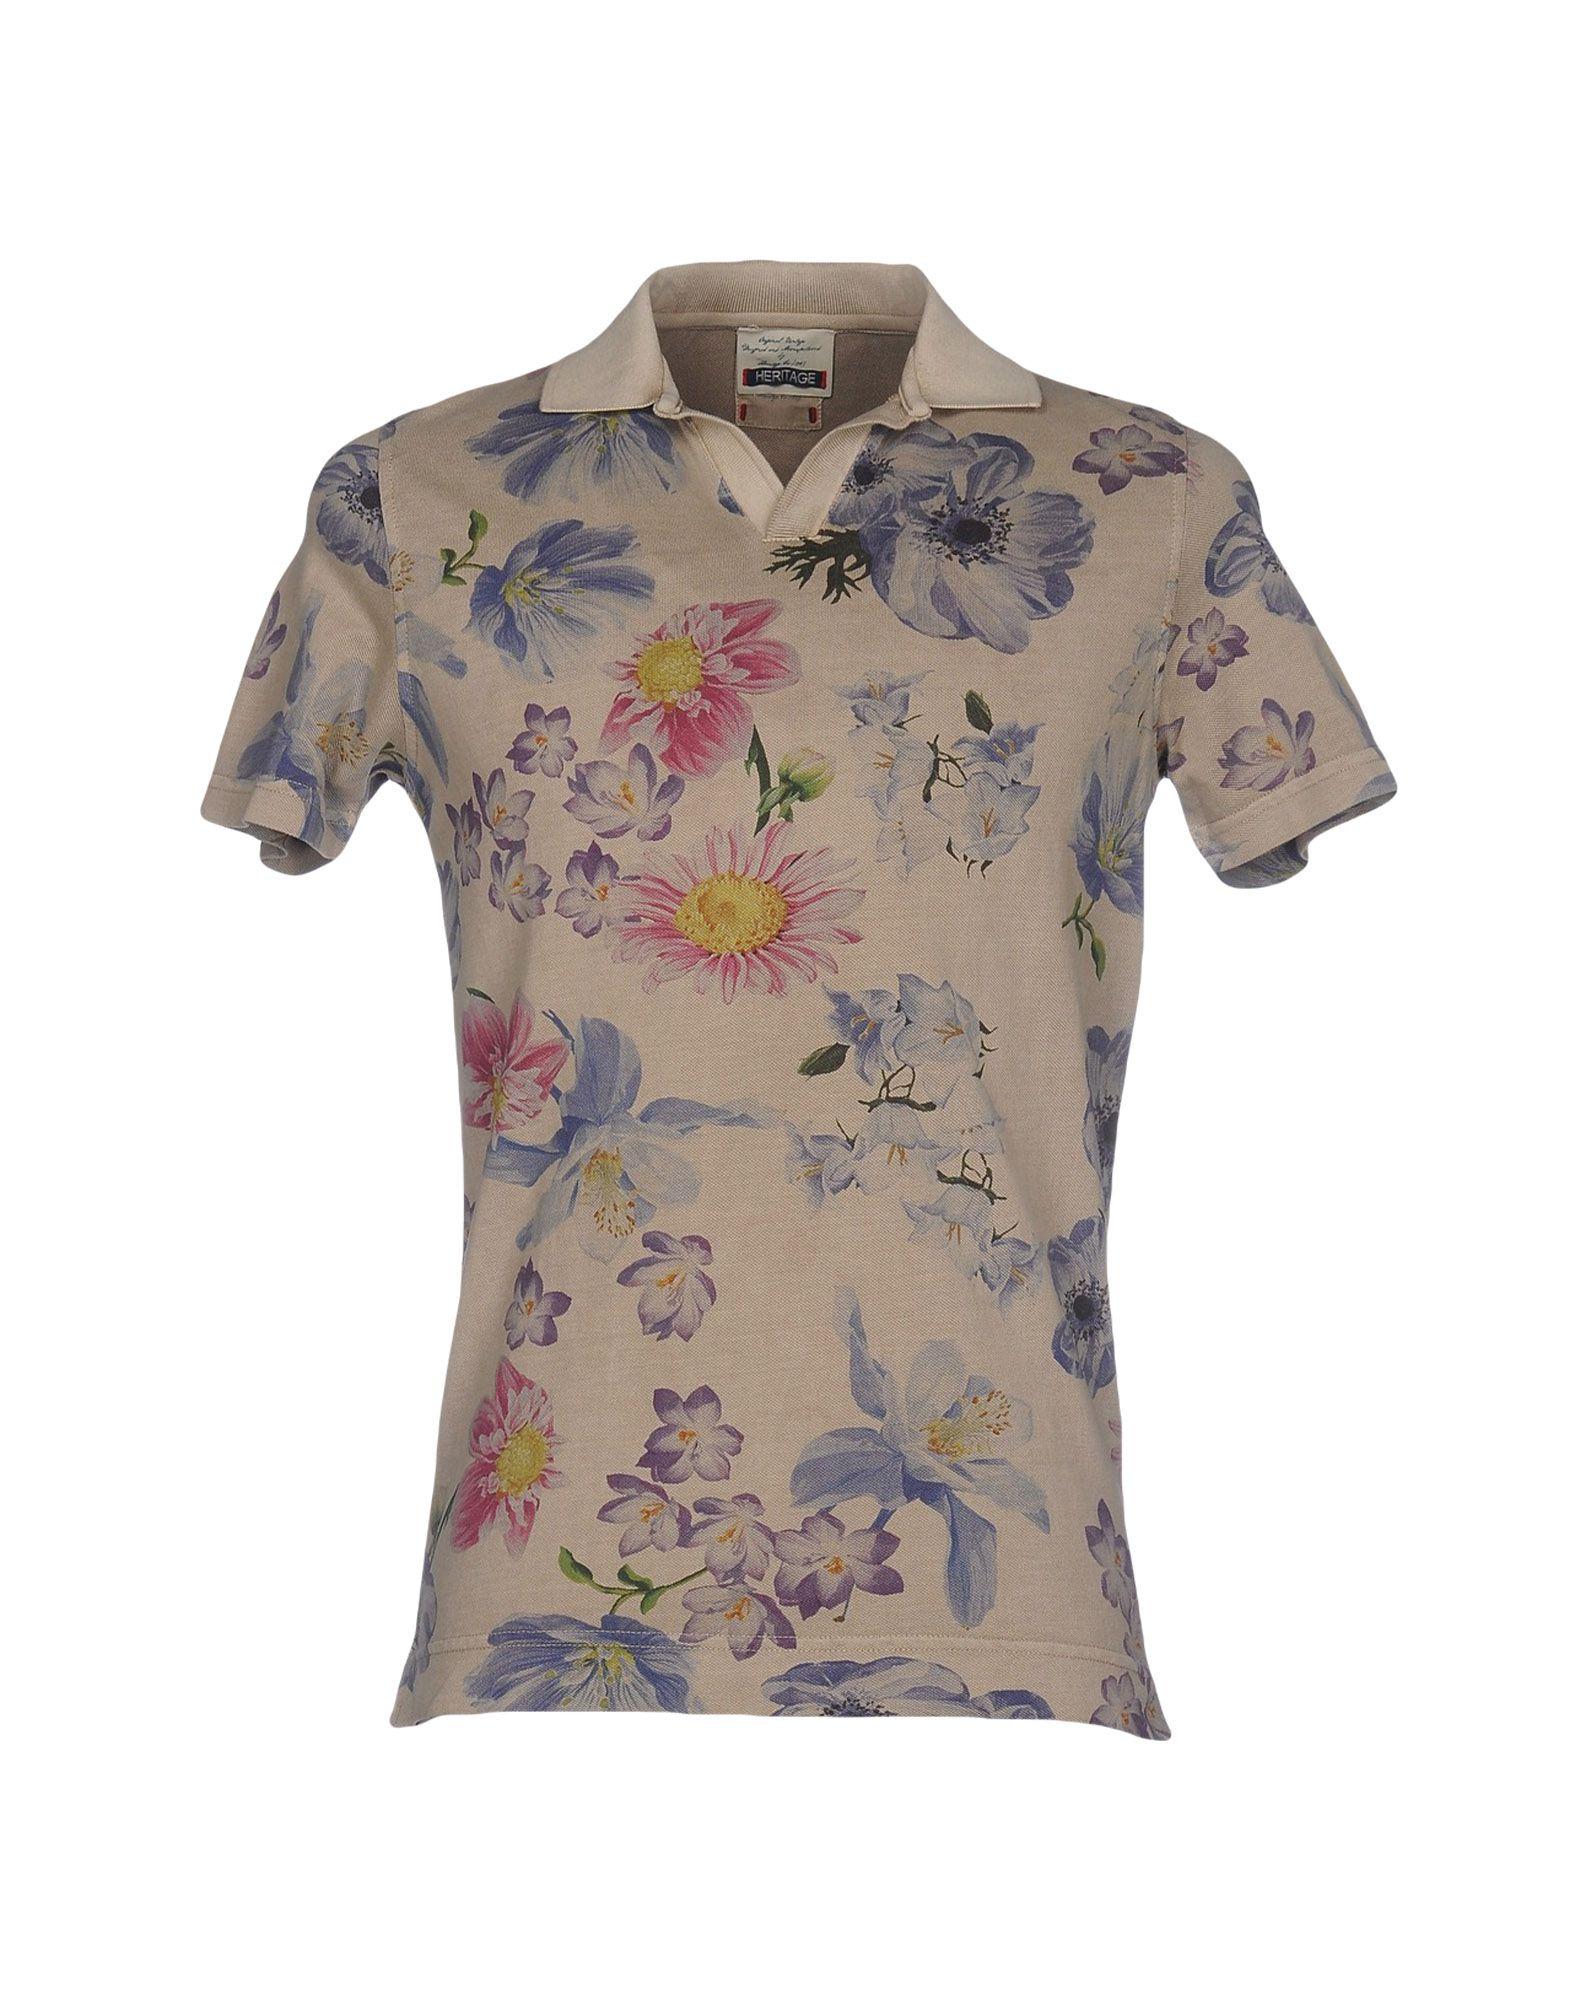 f60bfacff7 Gucci Polo Shirts - Up to 70% off at Tradesy